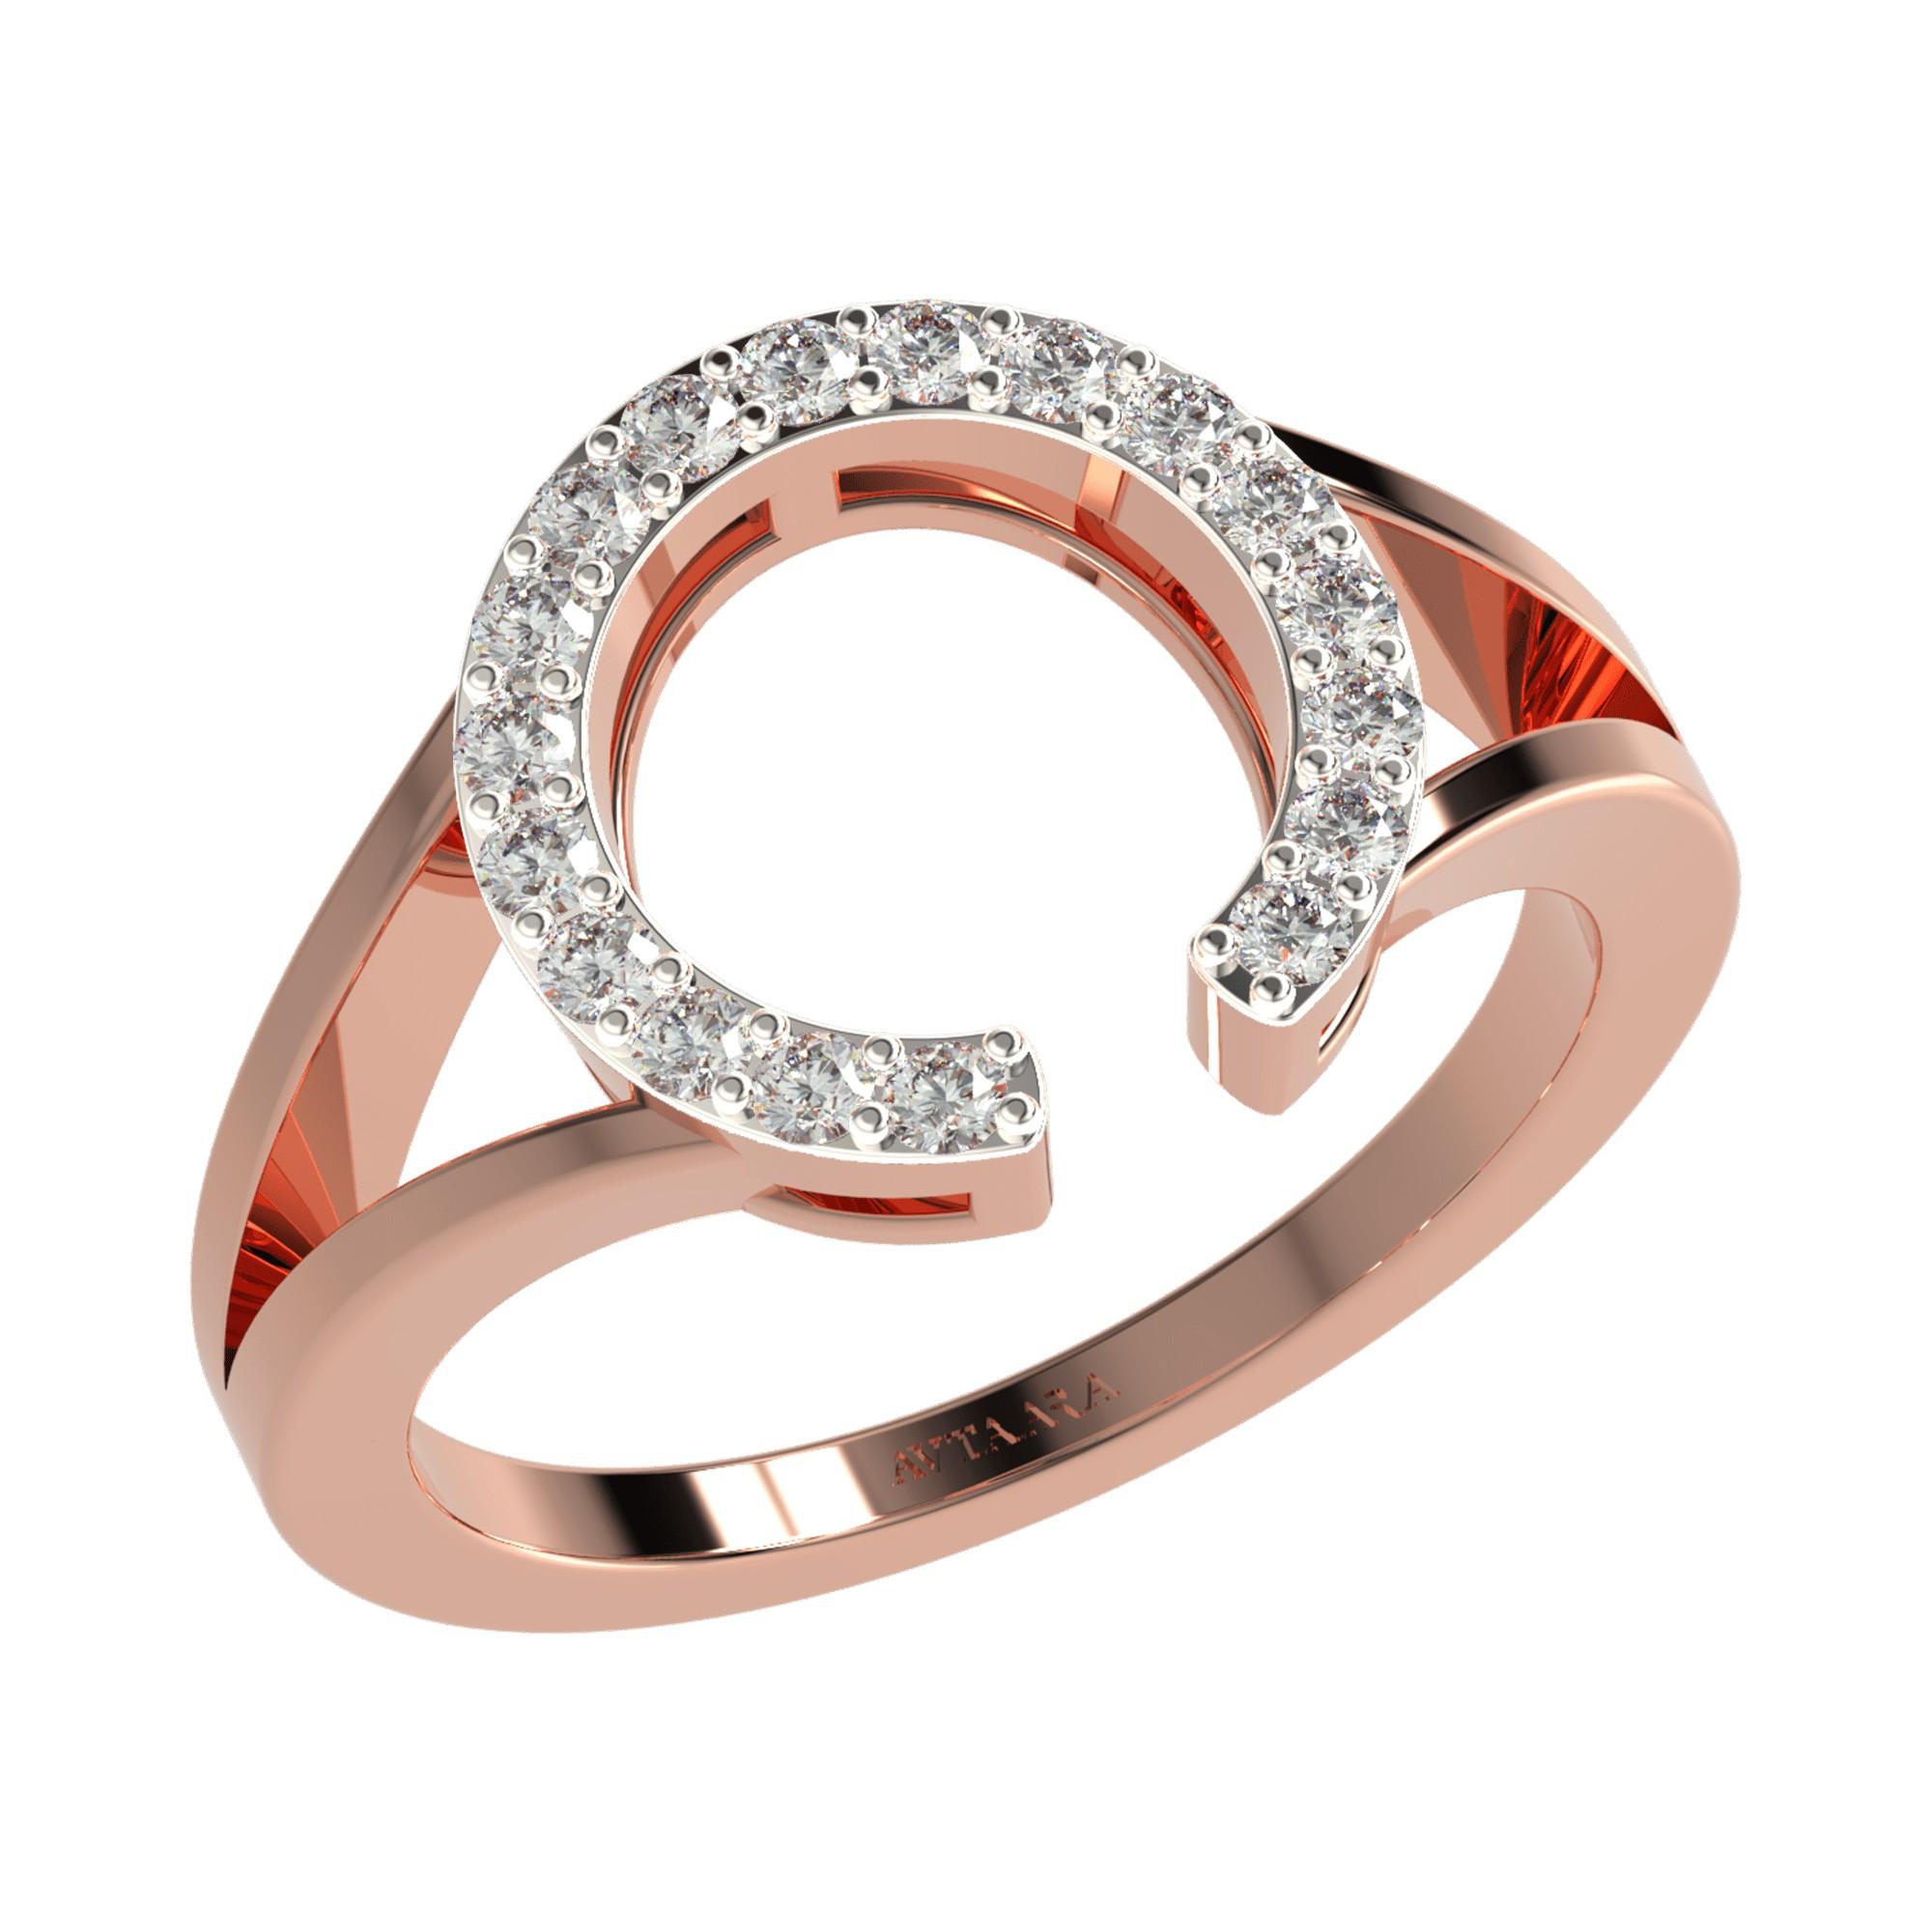 Encircle ring